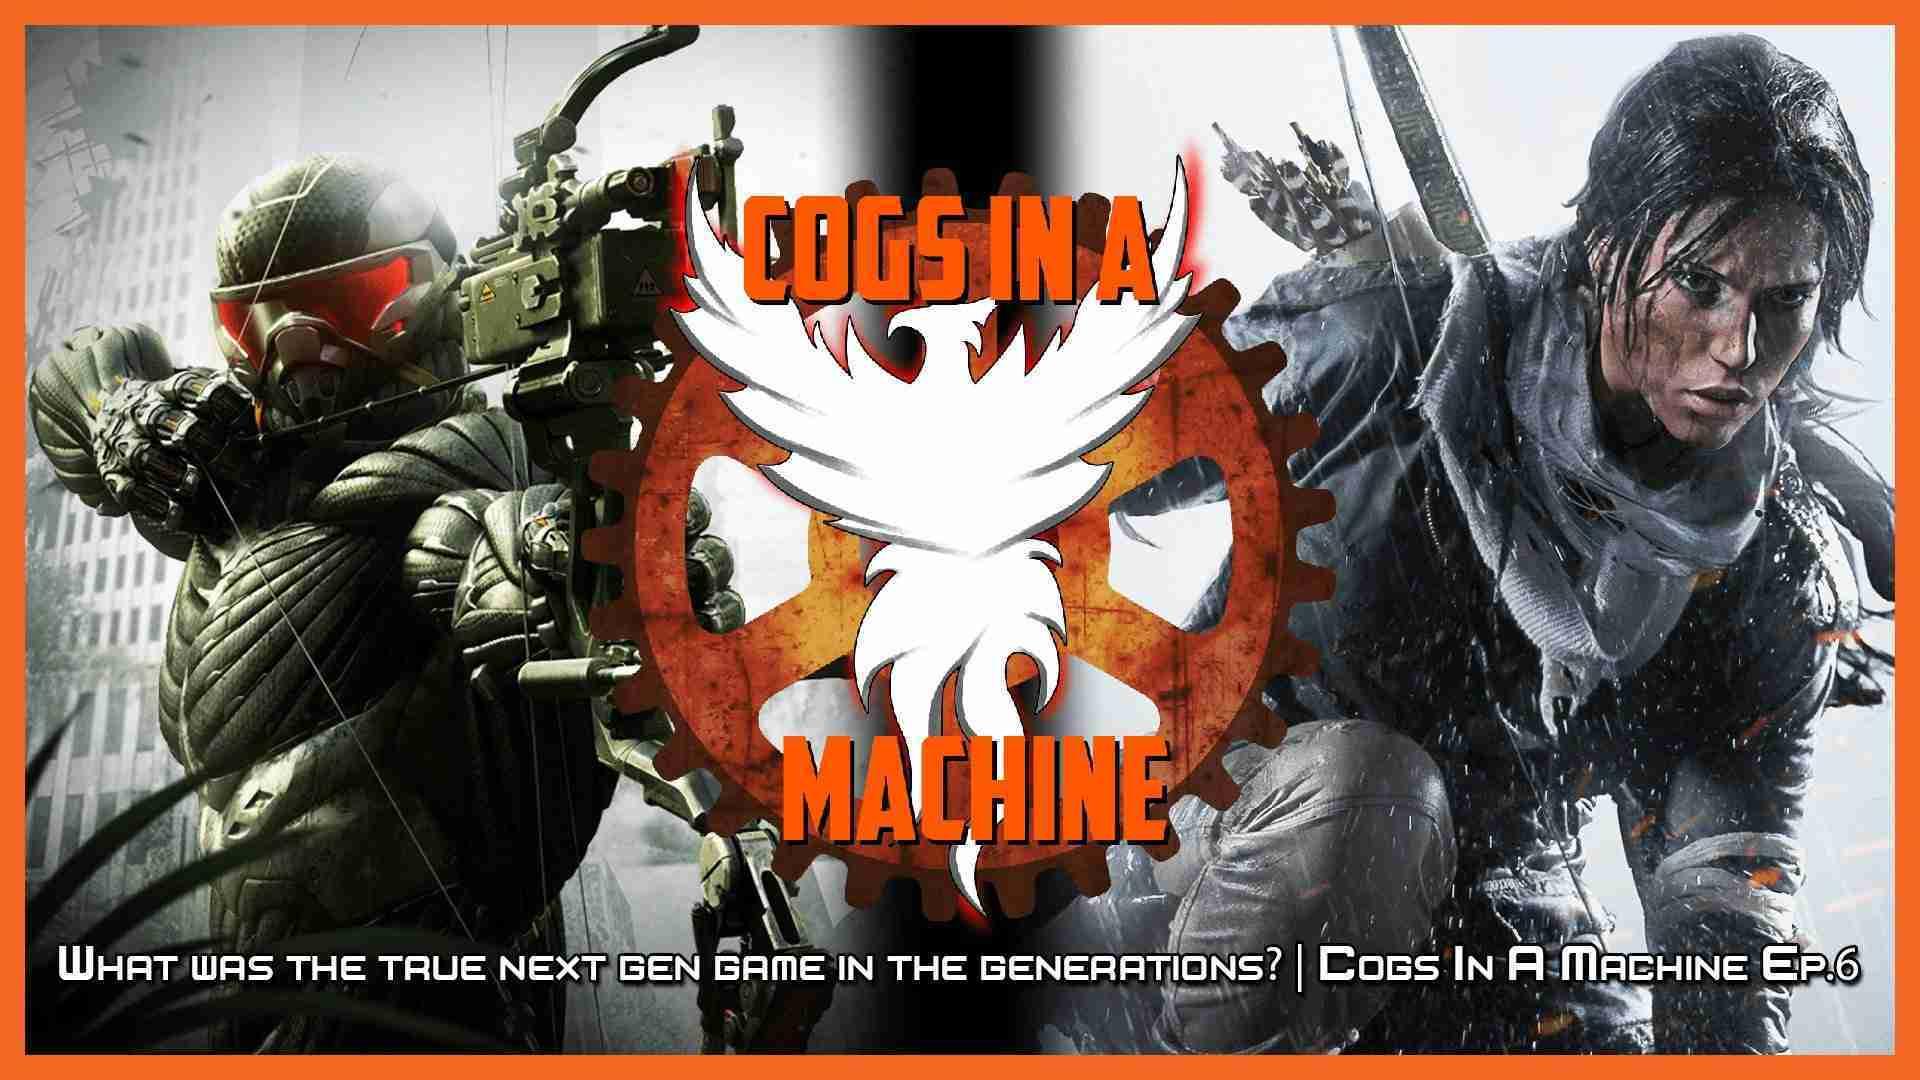 Cogs In A Machine